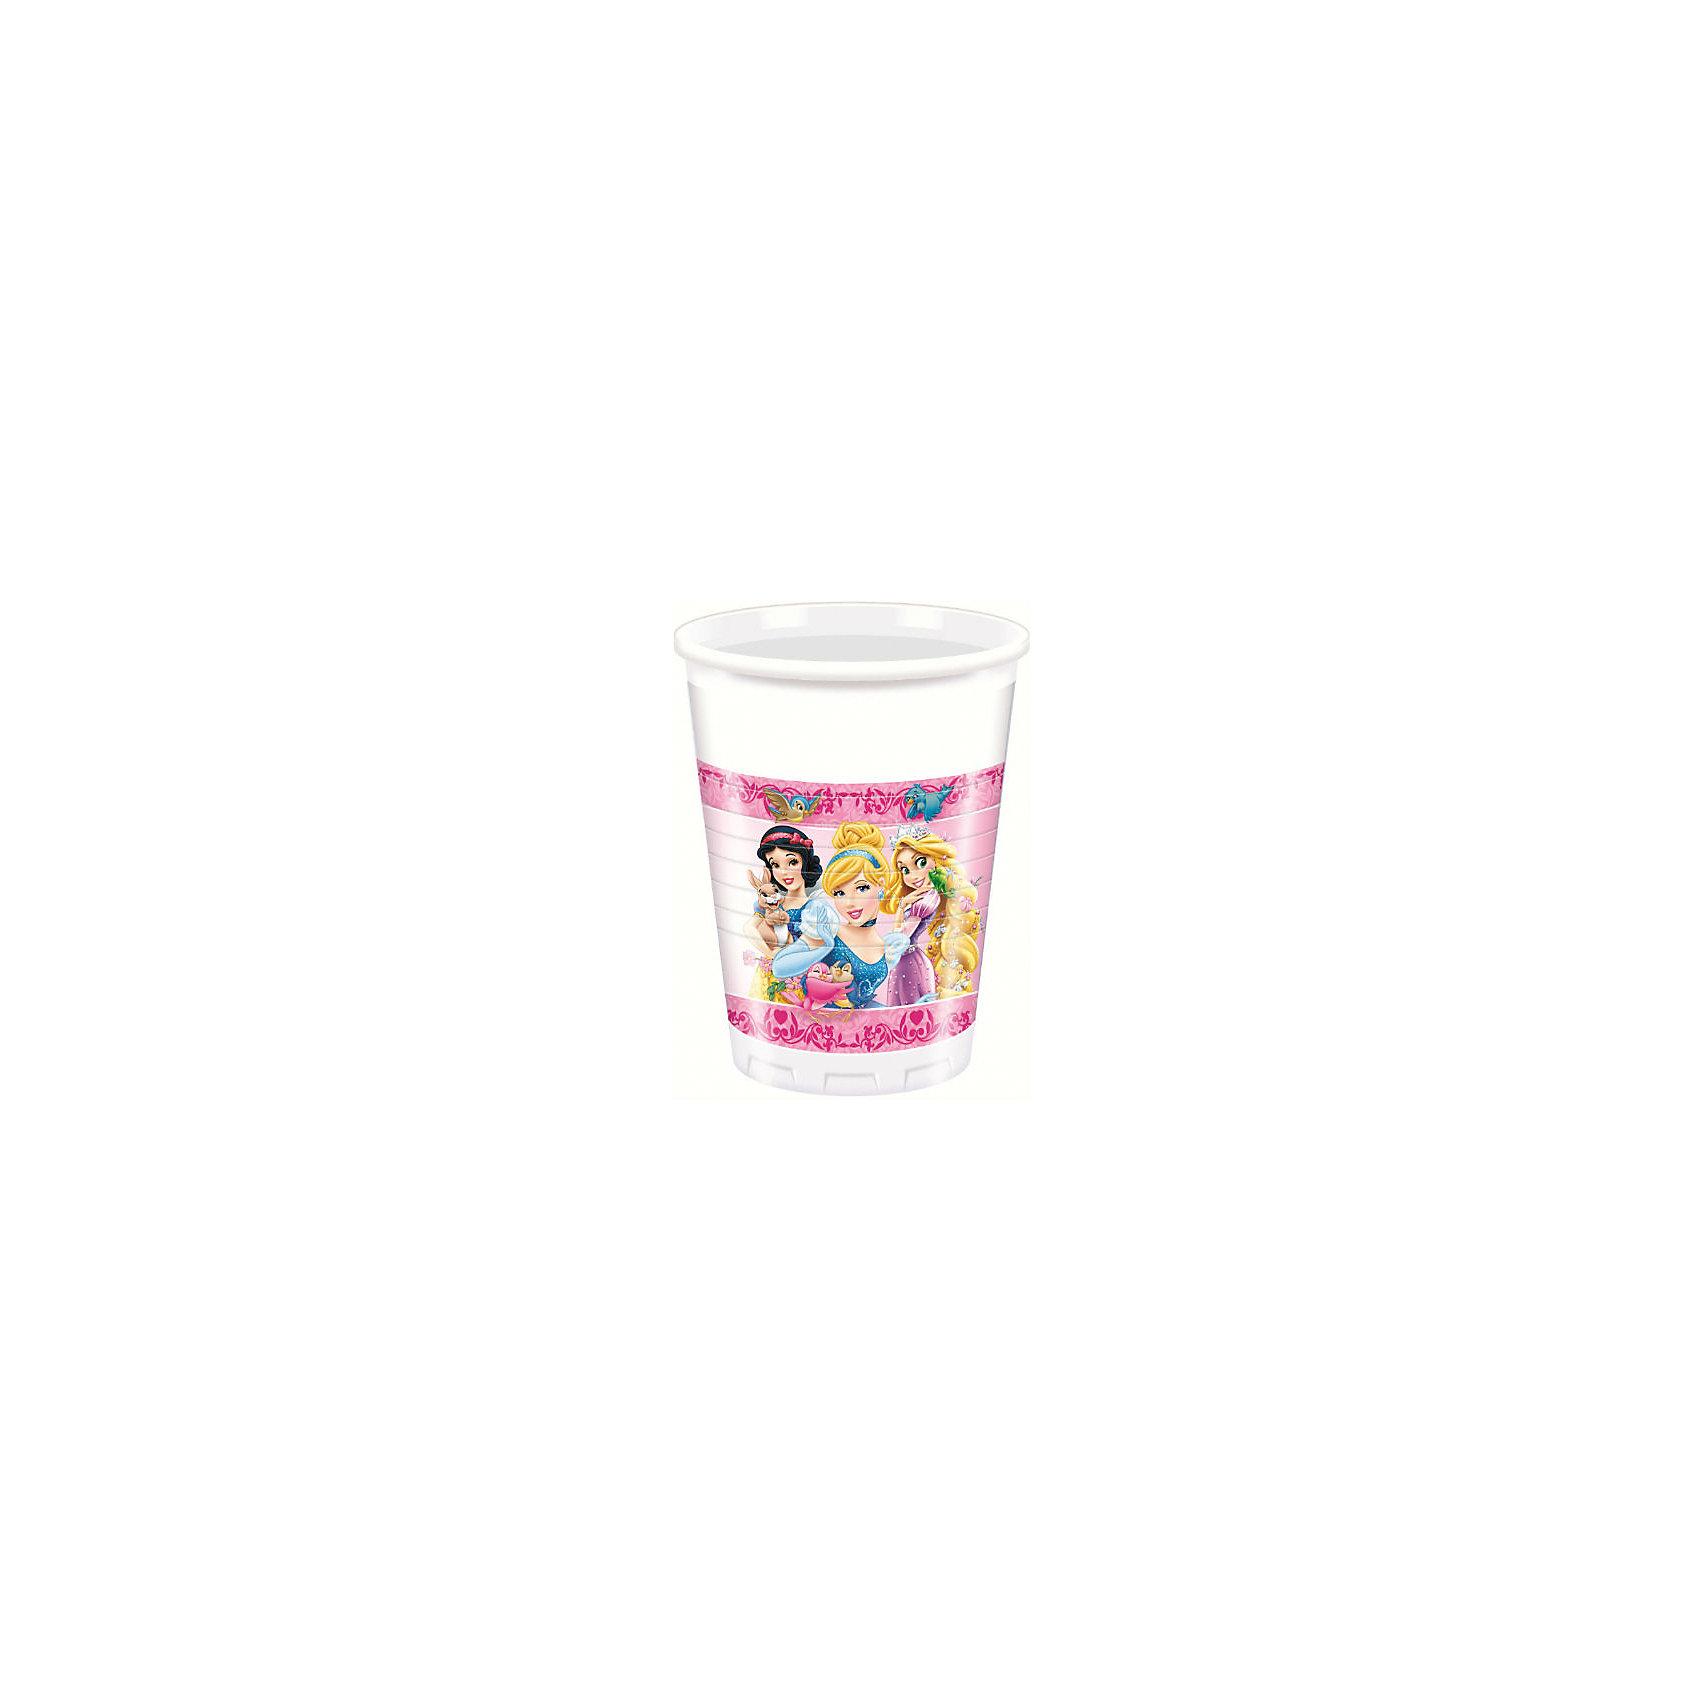 Стаканы пластиковые Принцессы и животные 200 мл 8 штСтаканы<br>Характеристики товара:<br><br>• возраст: от 3 лет;<br>• упаковка: пакет;<br>• размер упаковки: 7х7х13 см.;<br>• количество стаканов: 8 шт.;<br>• емкость стакана: 200 мл.;<br>• цвет: белый с рисунком;<br>• состав: пластик 100%;<br>• бренд, страна: Procos, Россия;<br>• страна-производитель: Греция.<br><br>Стаканы пластиковые «Принцессы и животные» - яркий детский набор из 10 стаканов сделает  торжество Вашего ребенка еще интересней, увлекательней и веселей. Ваша юная именинница и ее подружки с удовольствием проведут вечеринку вместе с героинями любимых мультфильмов – Золушкой, Белоснежкой, Рапунцель и их маленькими друзьями.<br><br>Стаканы от греческого бренда Procos, который на протяжении многих лет производит качественные товары для детского праздника, изготовлены из безопасного пластика, безвредного для детского здоровья.<br><br>Стаканы пластиковые «Принцессы и животные», 200 мл., 8 шт., Procos (Прокос)  можно купить в нашем интернет-магазине.<br><br>Ширина мм: 70<br>Глубина мм: 70<br>Высота мм: 125<br>Вес г: 5<br>Возраст от месяцев: 36<br>Возраст до месяцев: 120<br>Пол: Женский<br>Возраст: Детский<br>SKU: 6914346